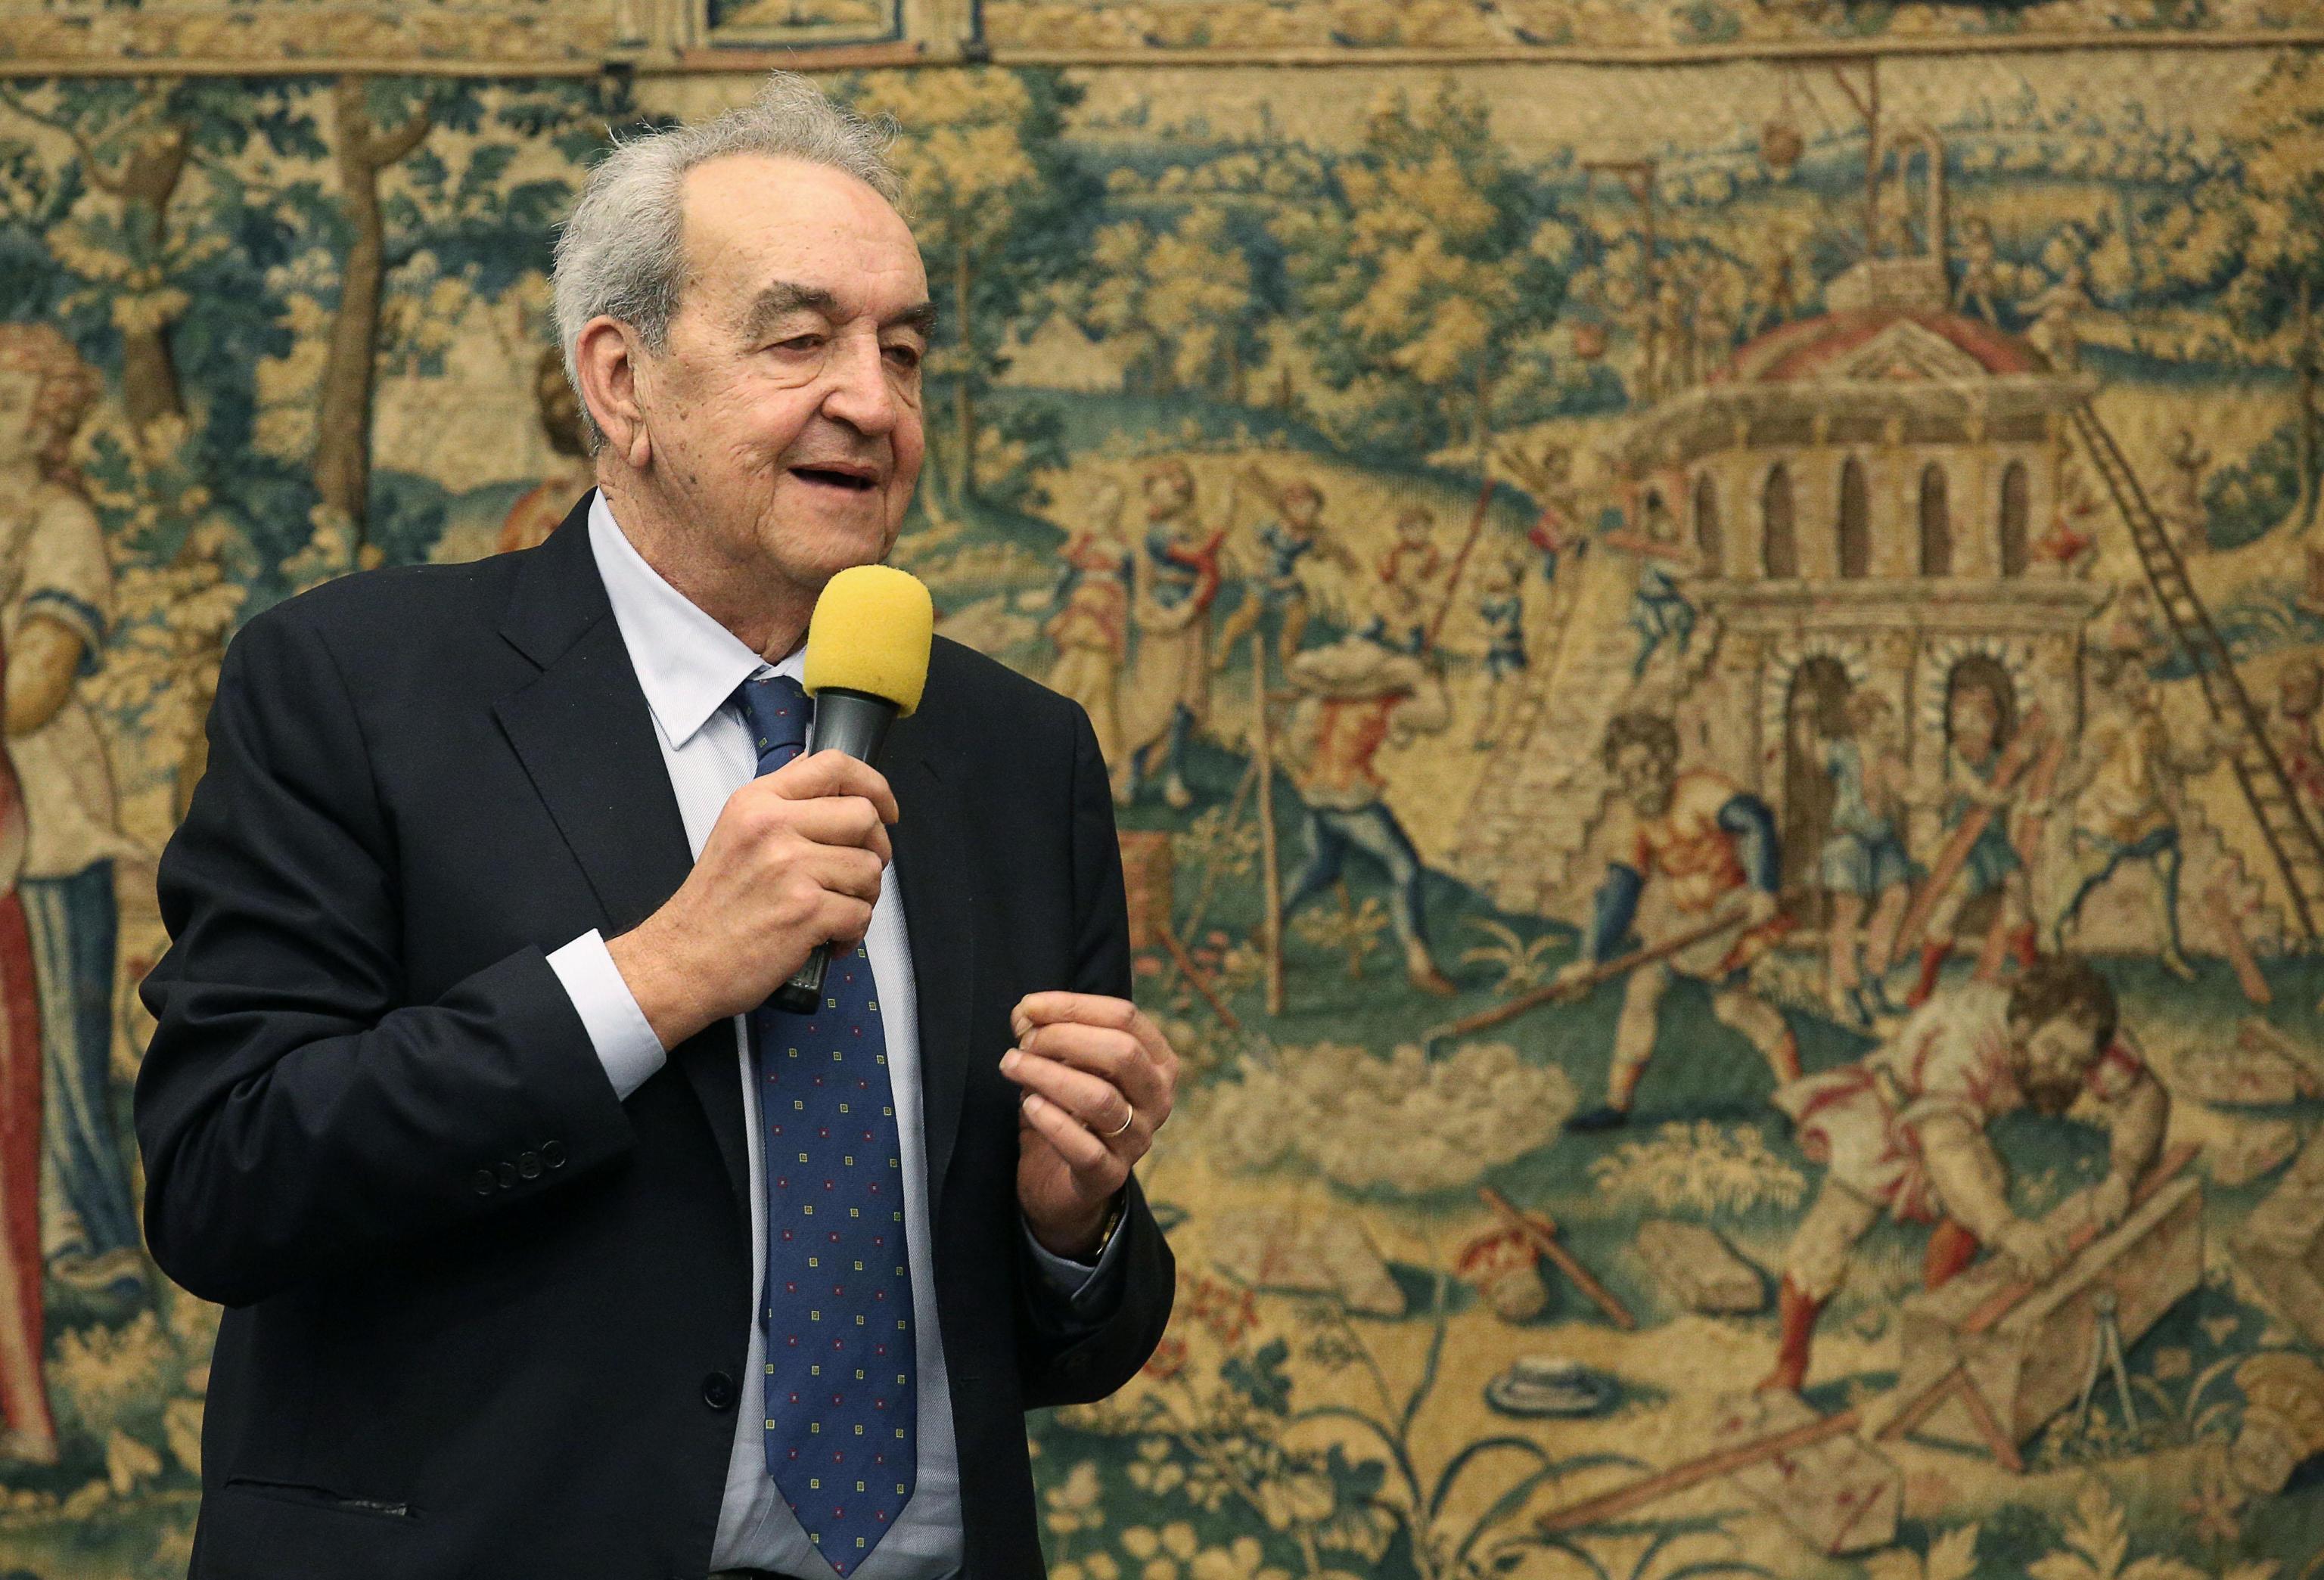 Bruno Pizzul: rapina in casa due giorni prima di compiere 80 anni